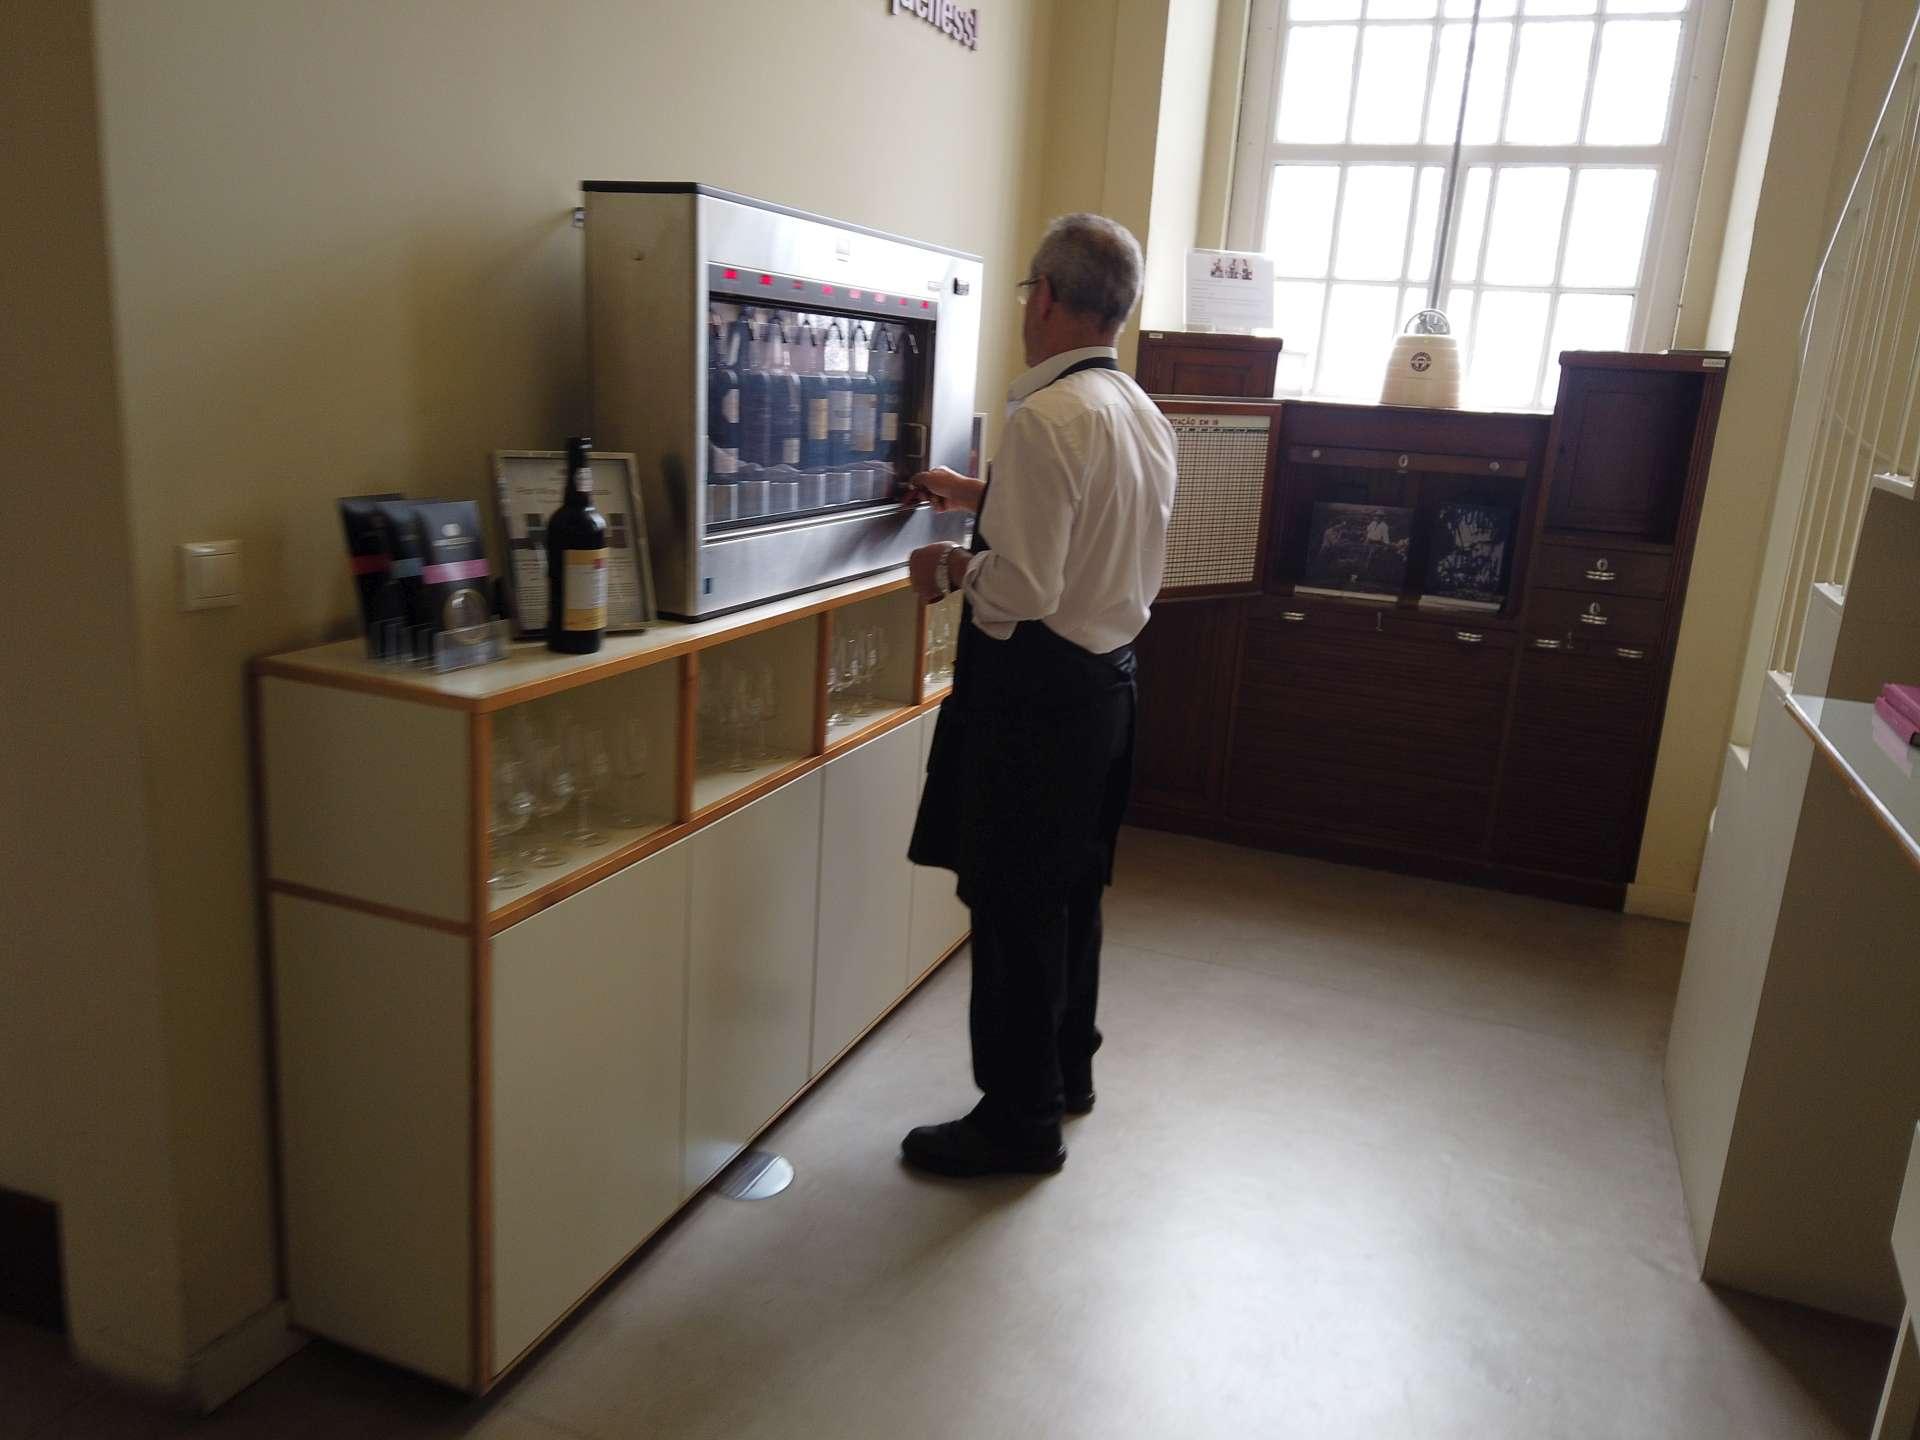 Kroky vzdělaného milovníka portského vína musí nutně vést sem do Institutu portského vína a vín z Doura. Z téhle krabičky si můžete nechat nalít vzorek a v klidu degustovat.